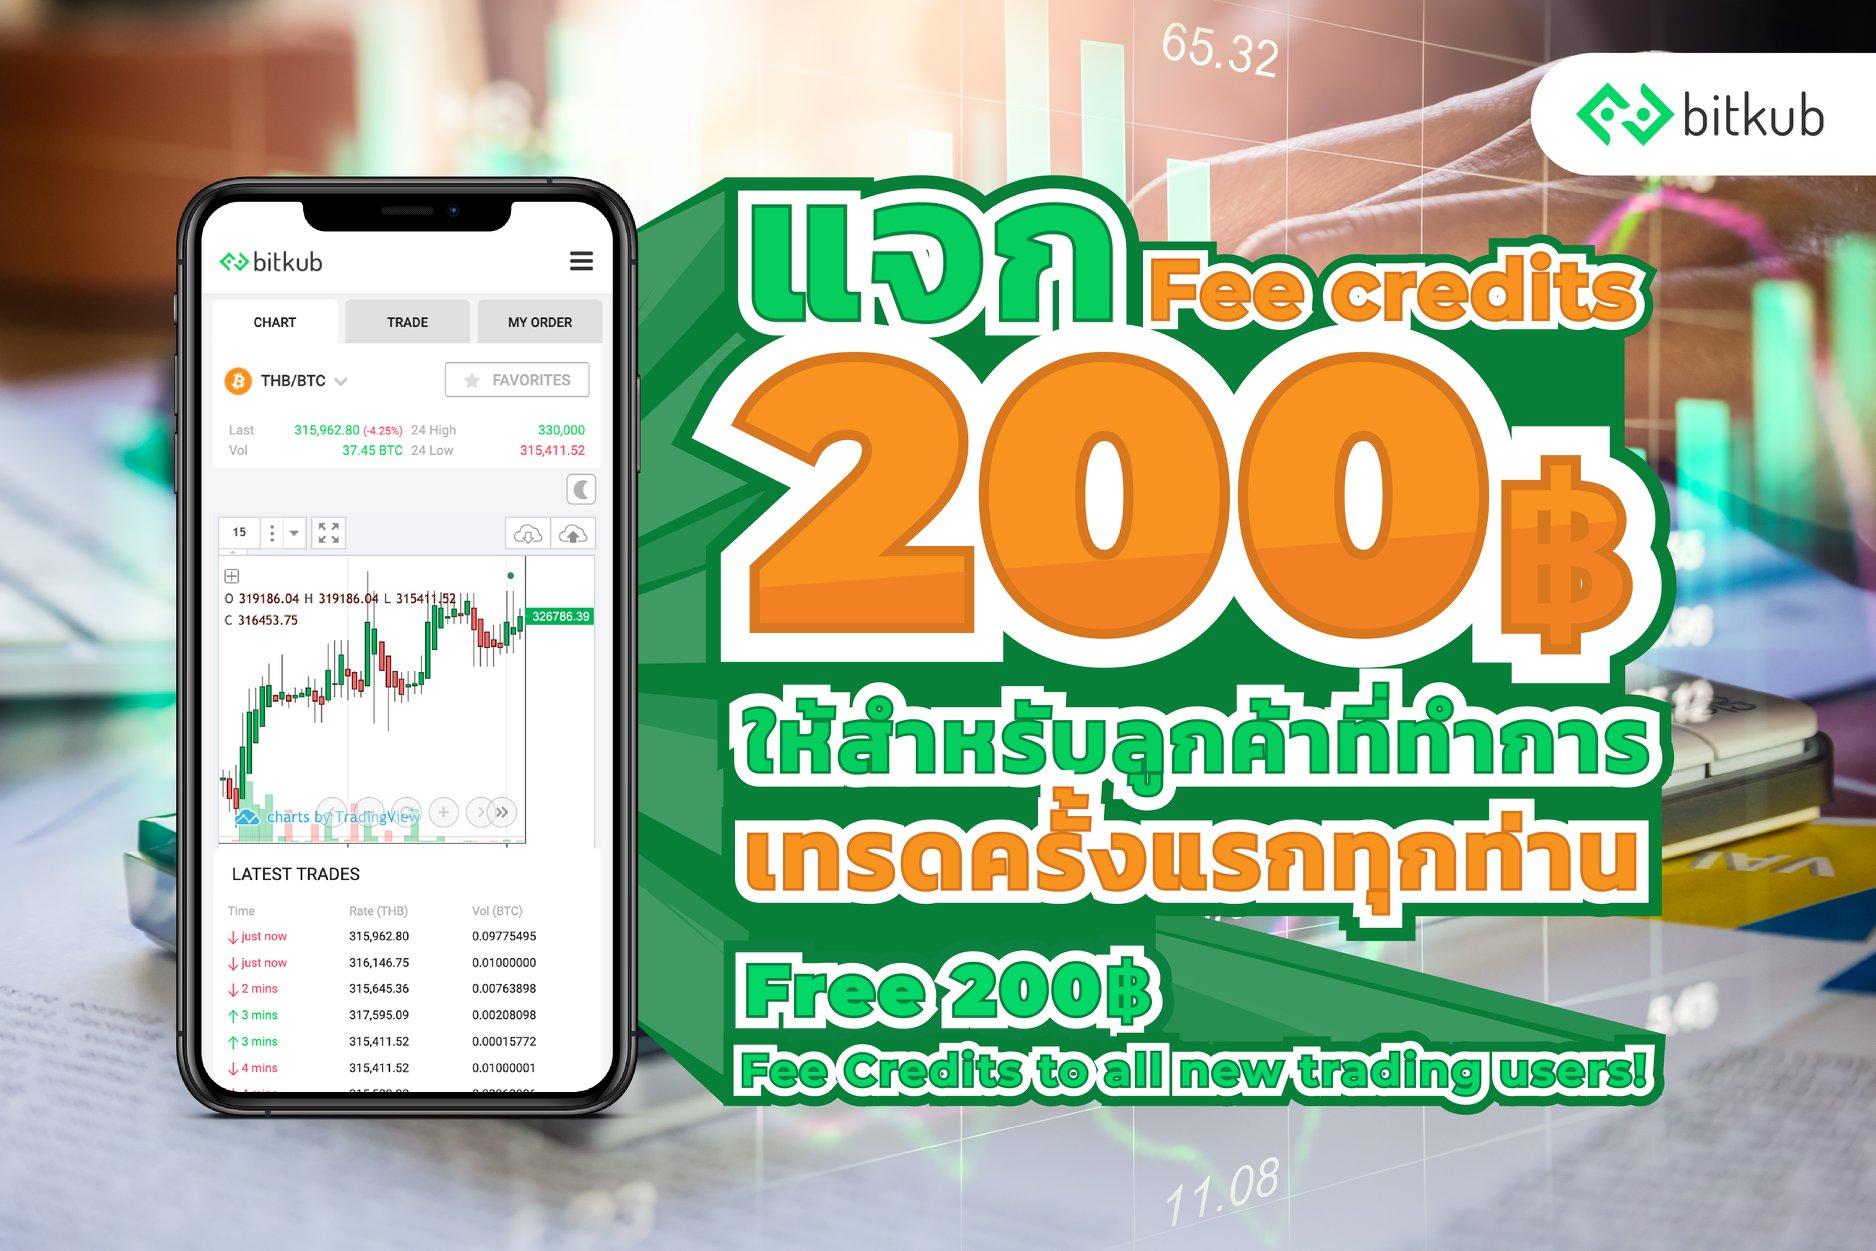 เว็บเทรดคริปโตในไทย ประกาศยุติให้บริการ